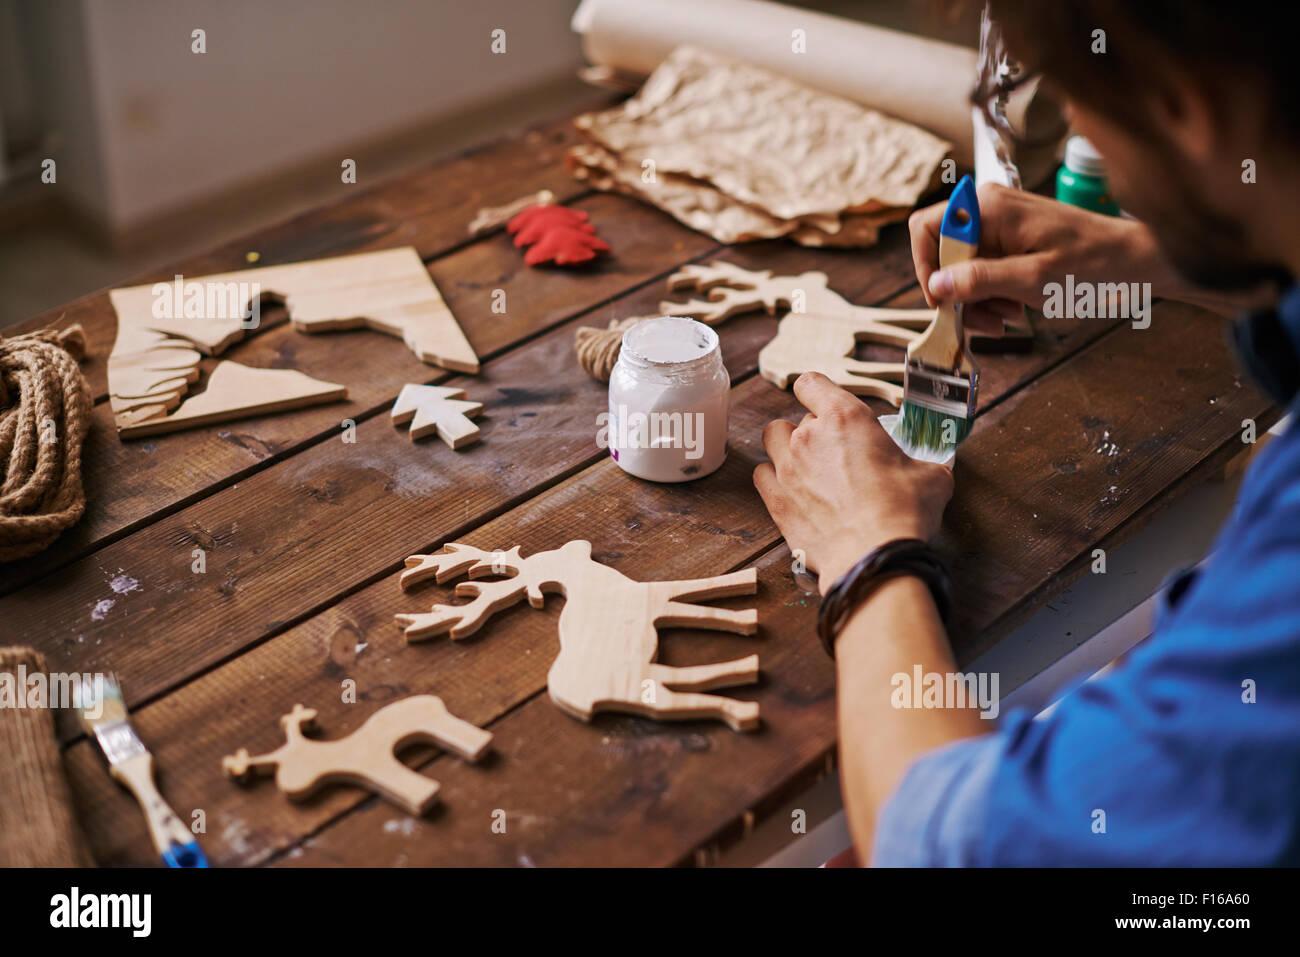 Jeune artisan avec peinture pinceau xmas deer avec gouache blanche Photo Stock